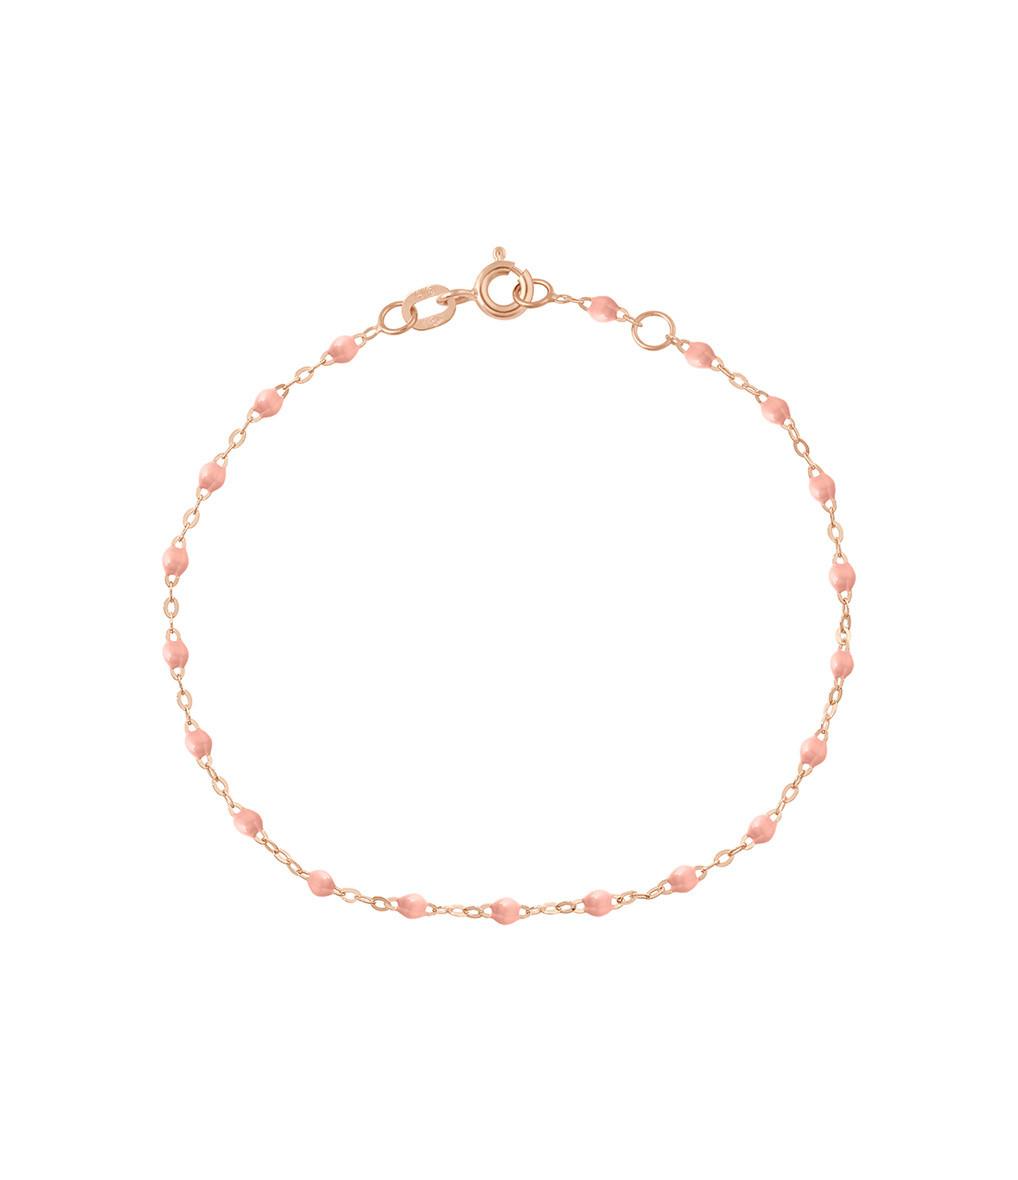 nouvelles promotions mode designer boutique de sortie Bracelet Perles Résine Or, Enfant / Bébé